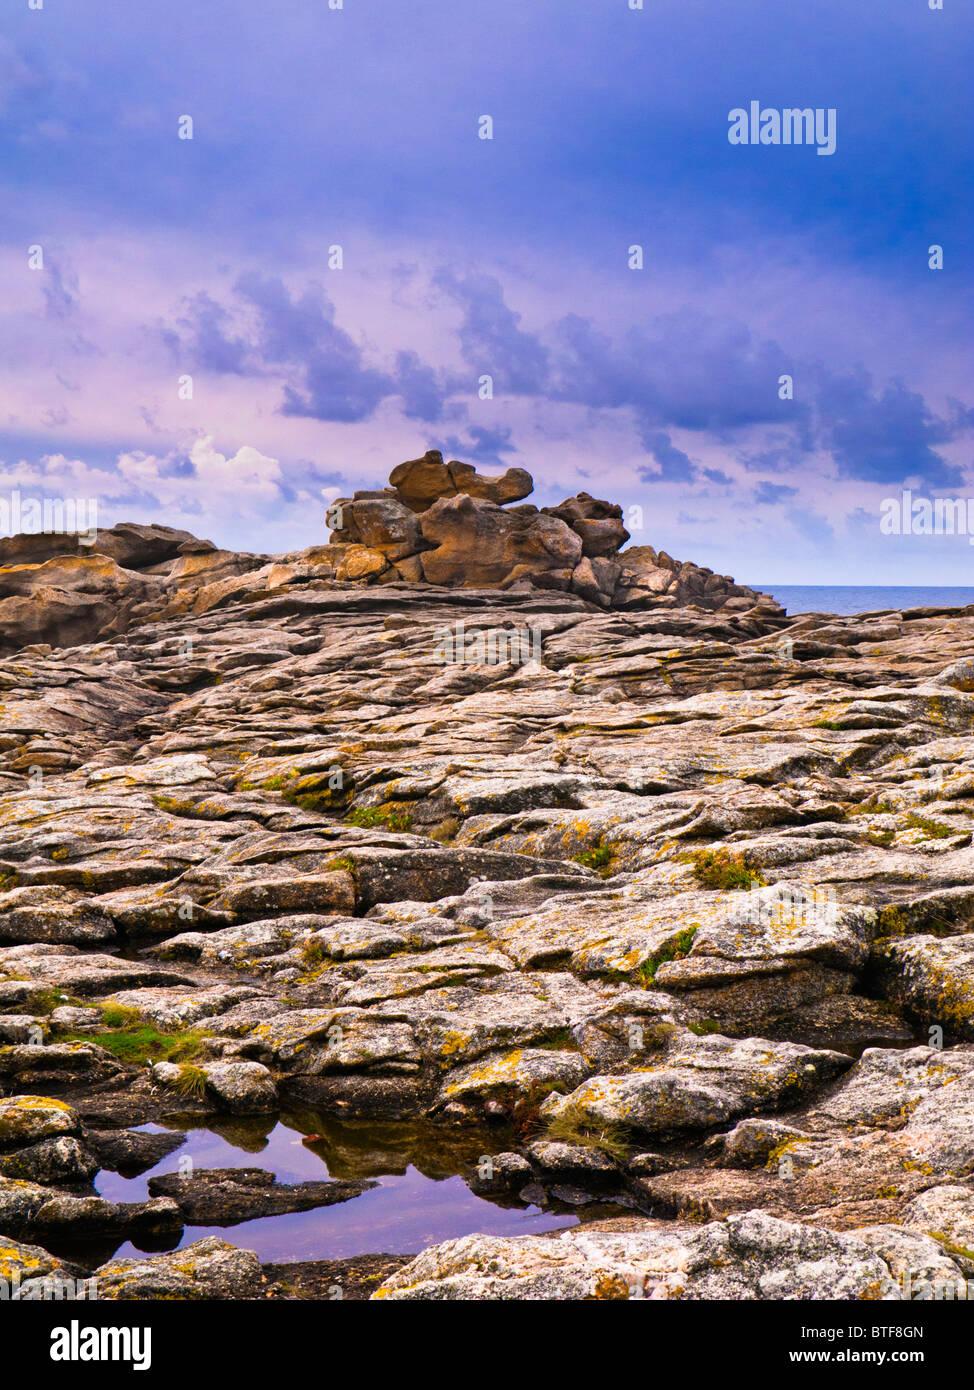 Promontorio roccioso sulla Cote Sauvage, Morbihan, in Bretagna, in Francia, in Europa Immagini Stock